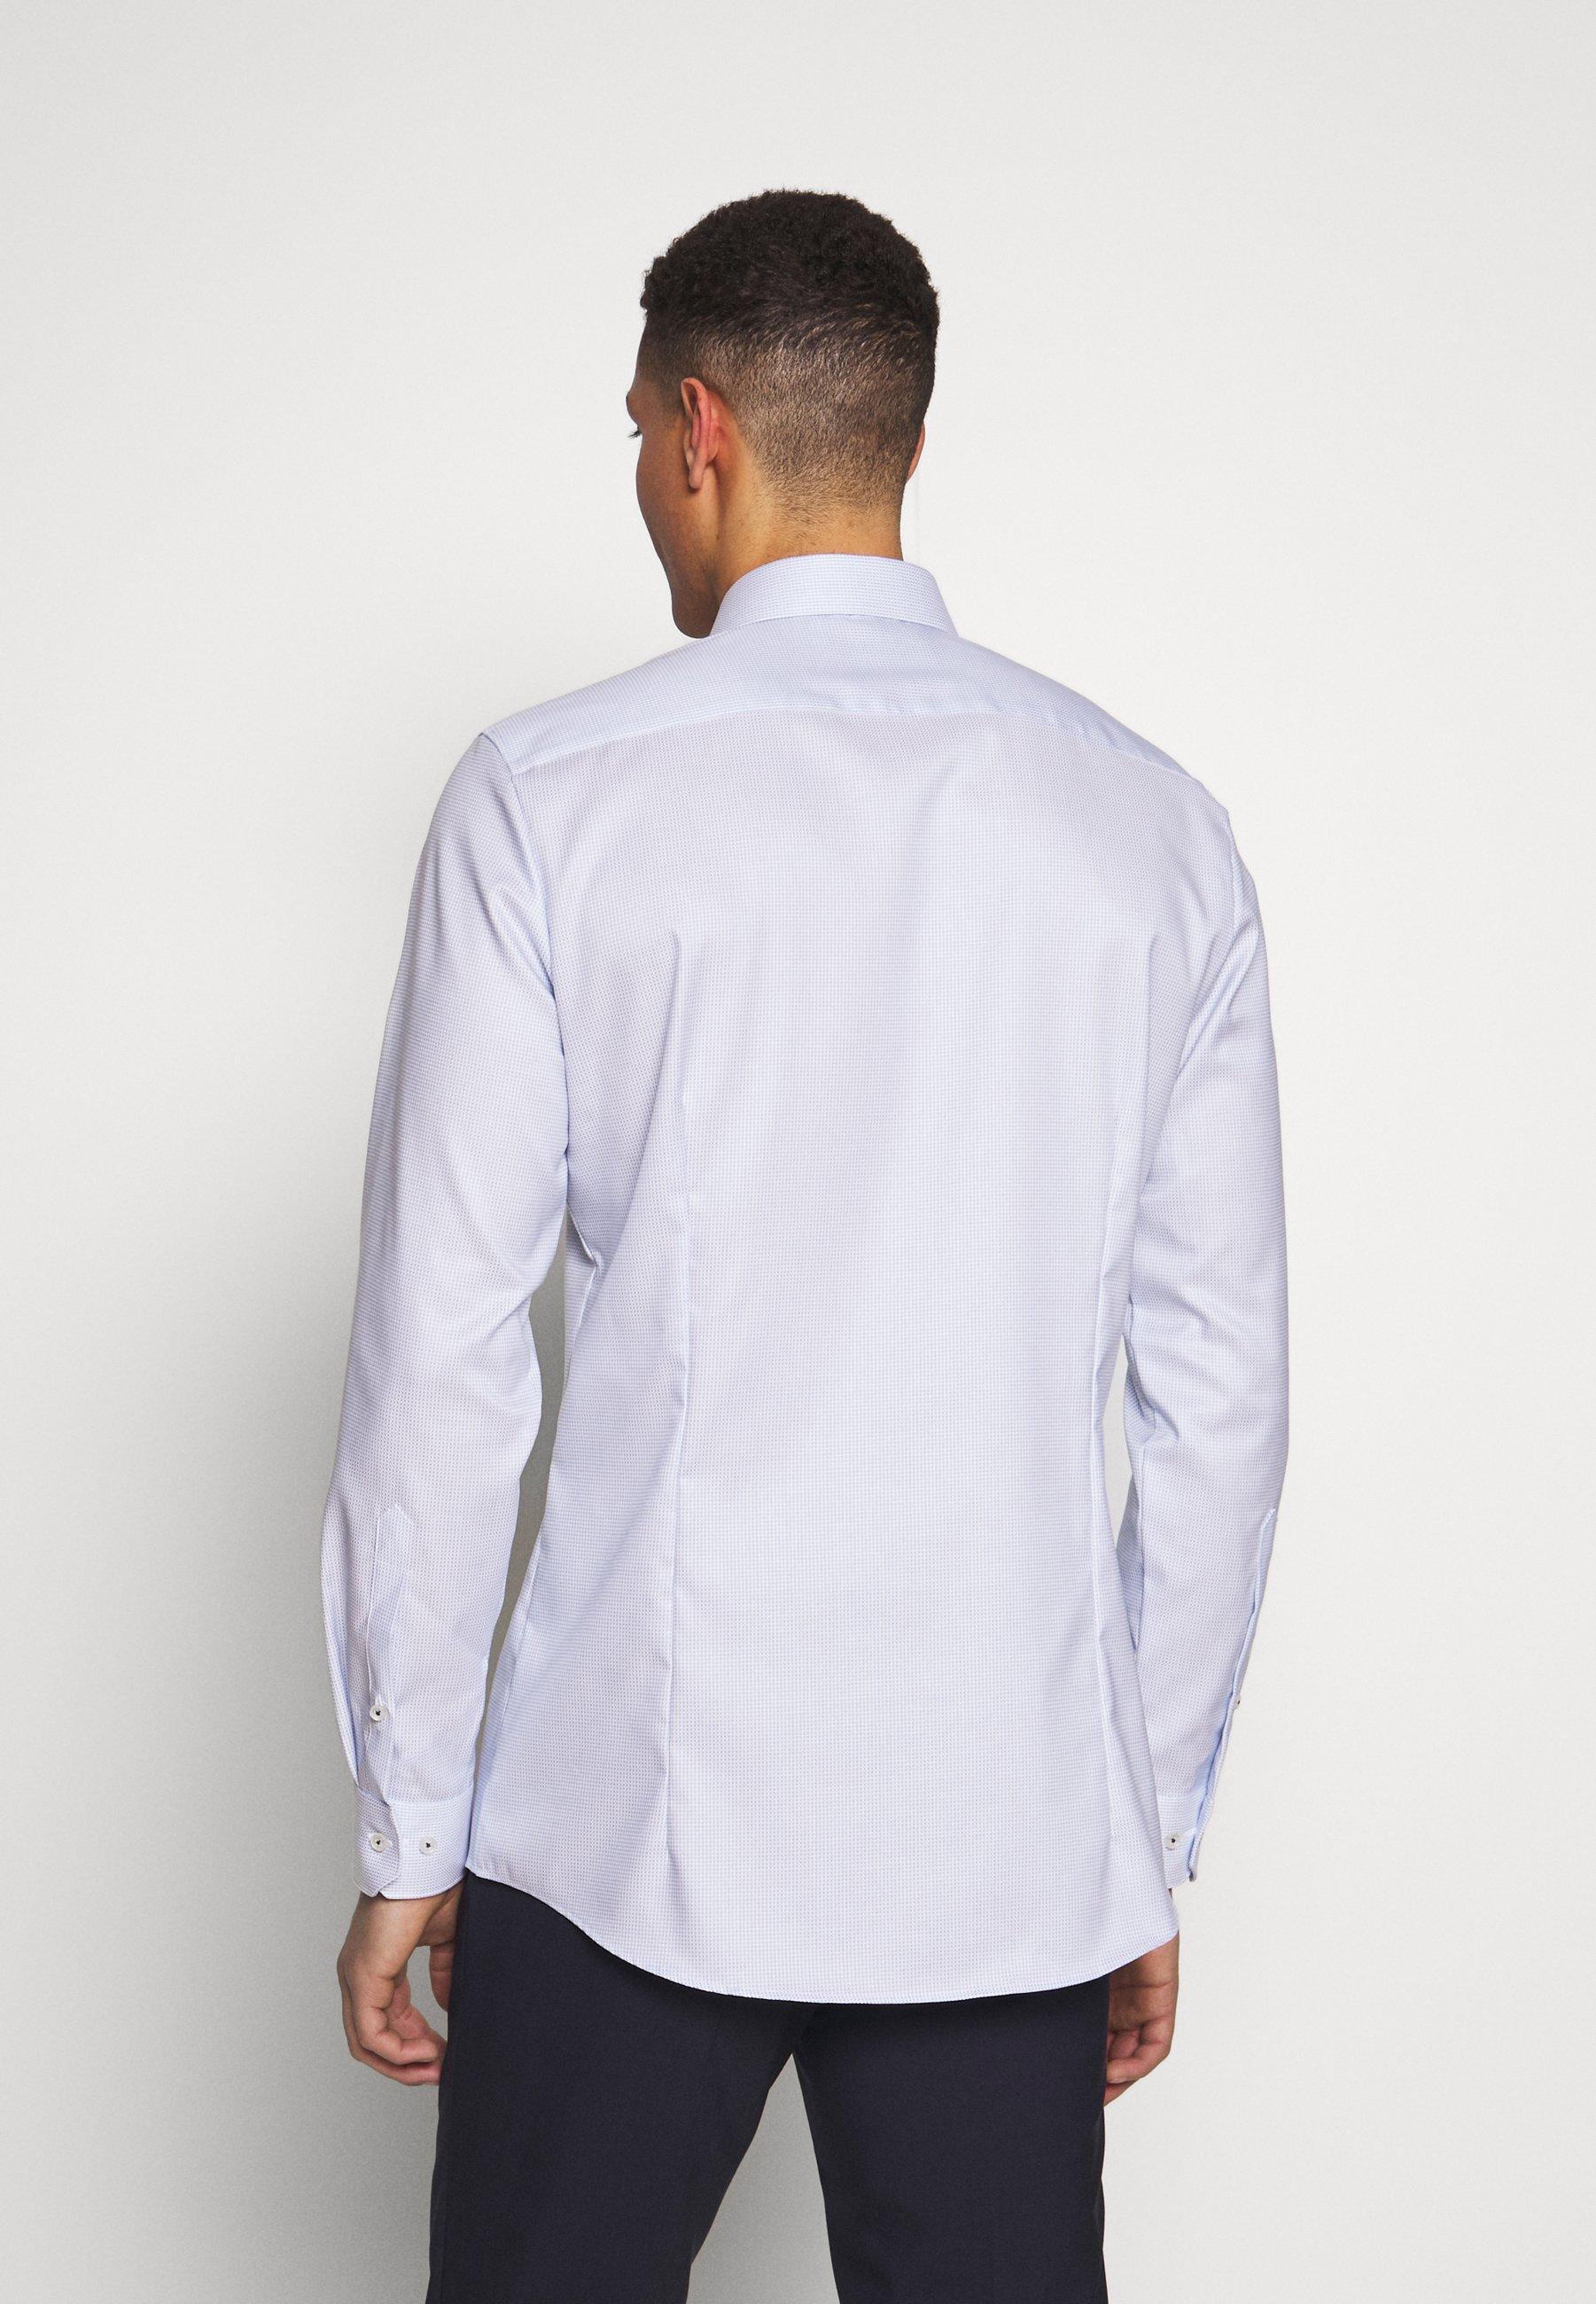 OLYMP OLYMP NO.6 SUPER SLIM FIT  - Koszula biznesowa - bleu - Odzież męska 2020